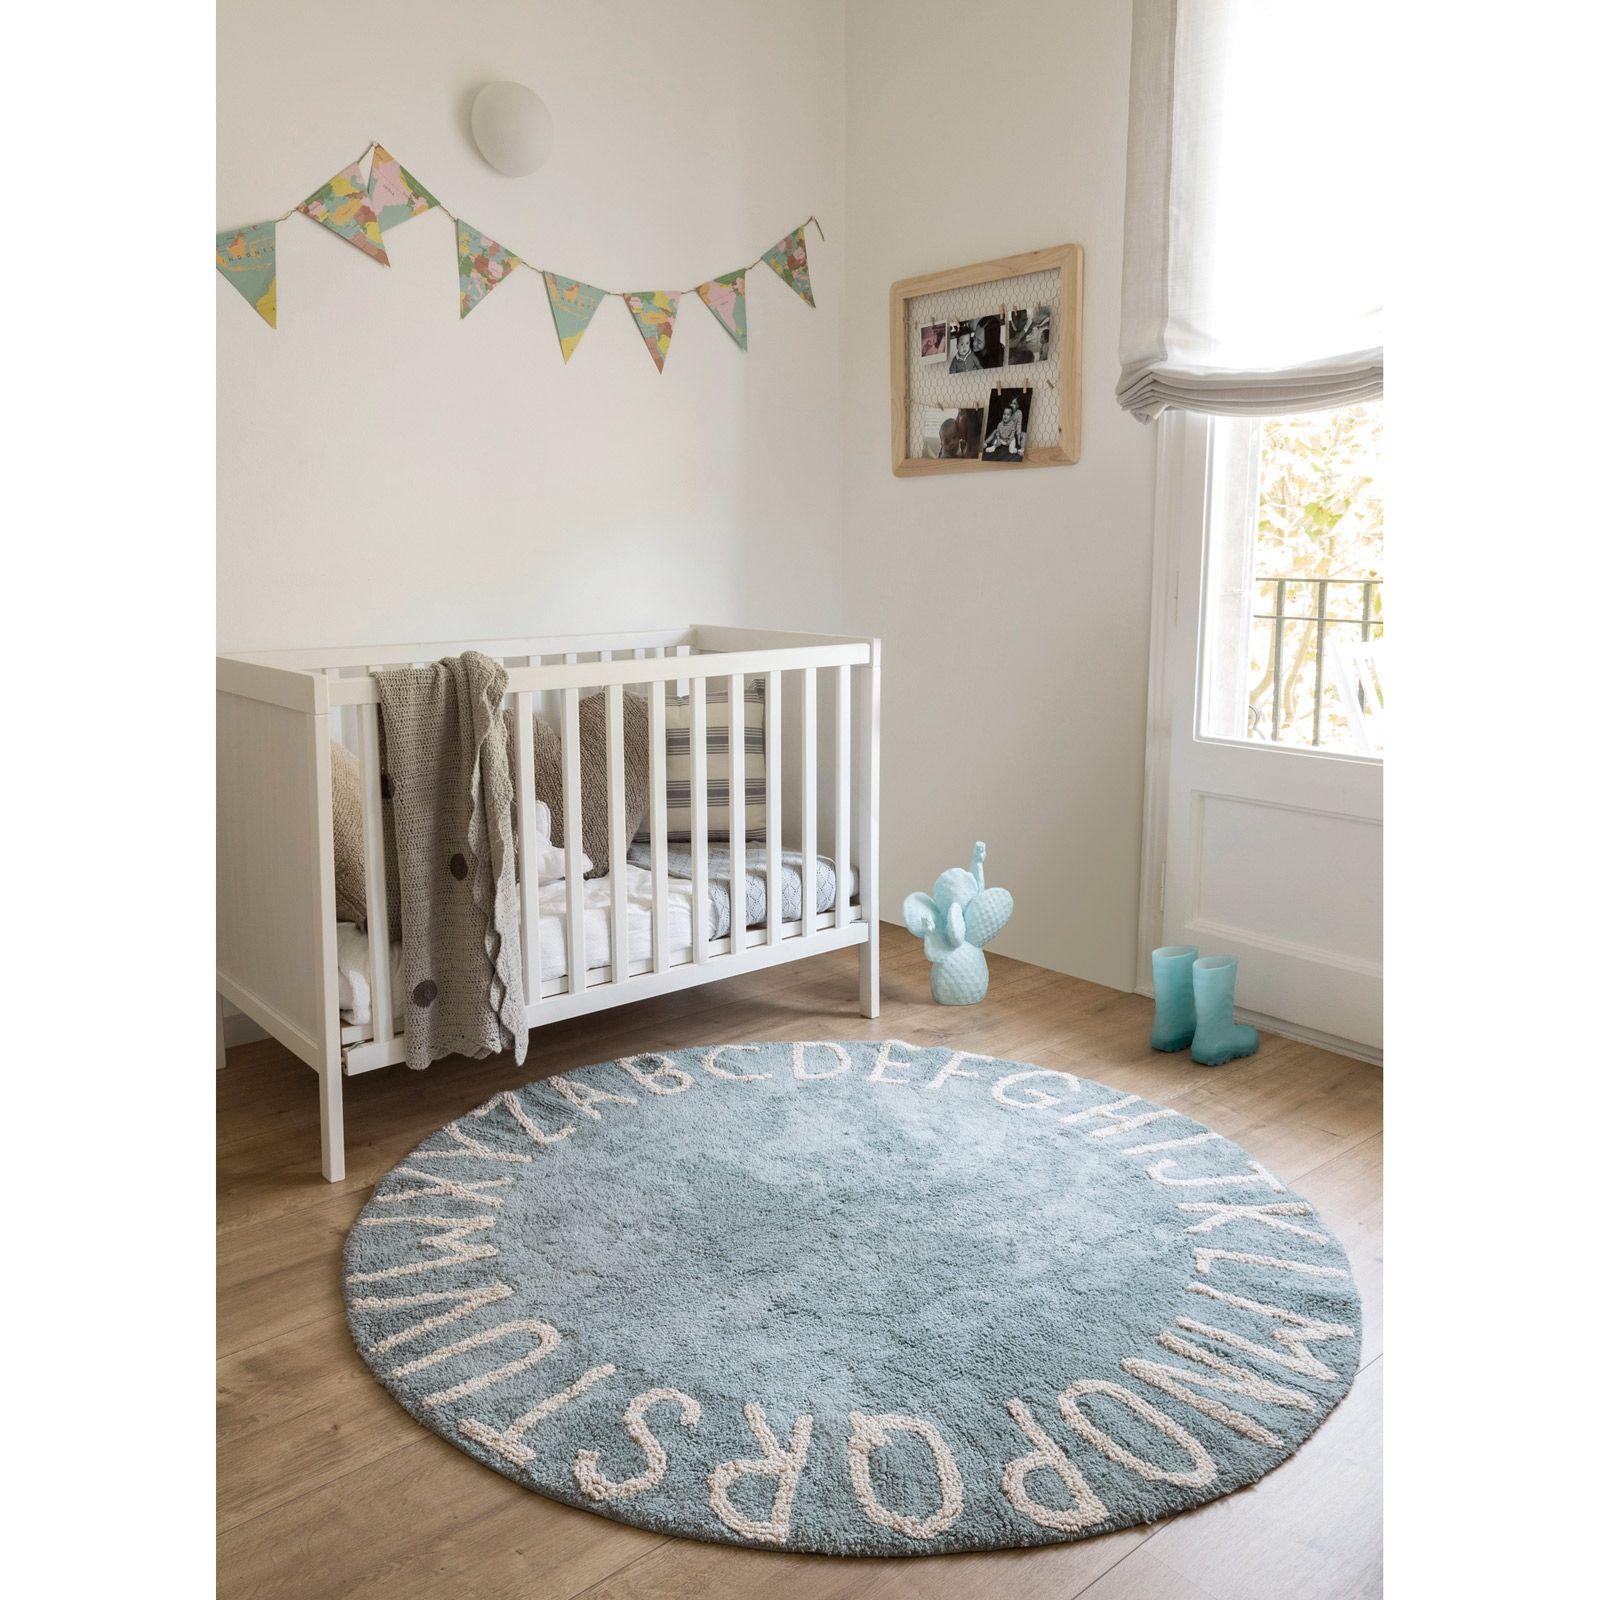 Tapis Lavable Rond Abc Vintage Bleu 150 Cm Tapis Rond Chambre Garcon Chambres Pour Bebes Jumeaux